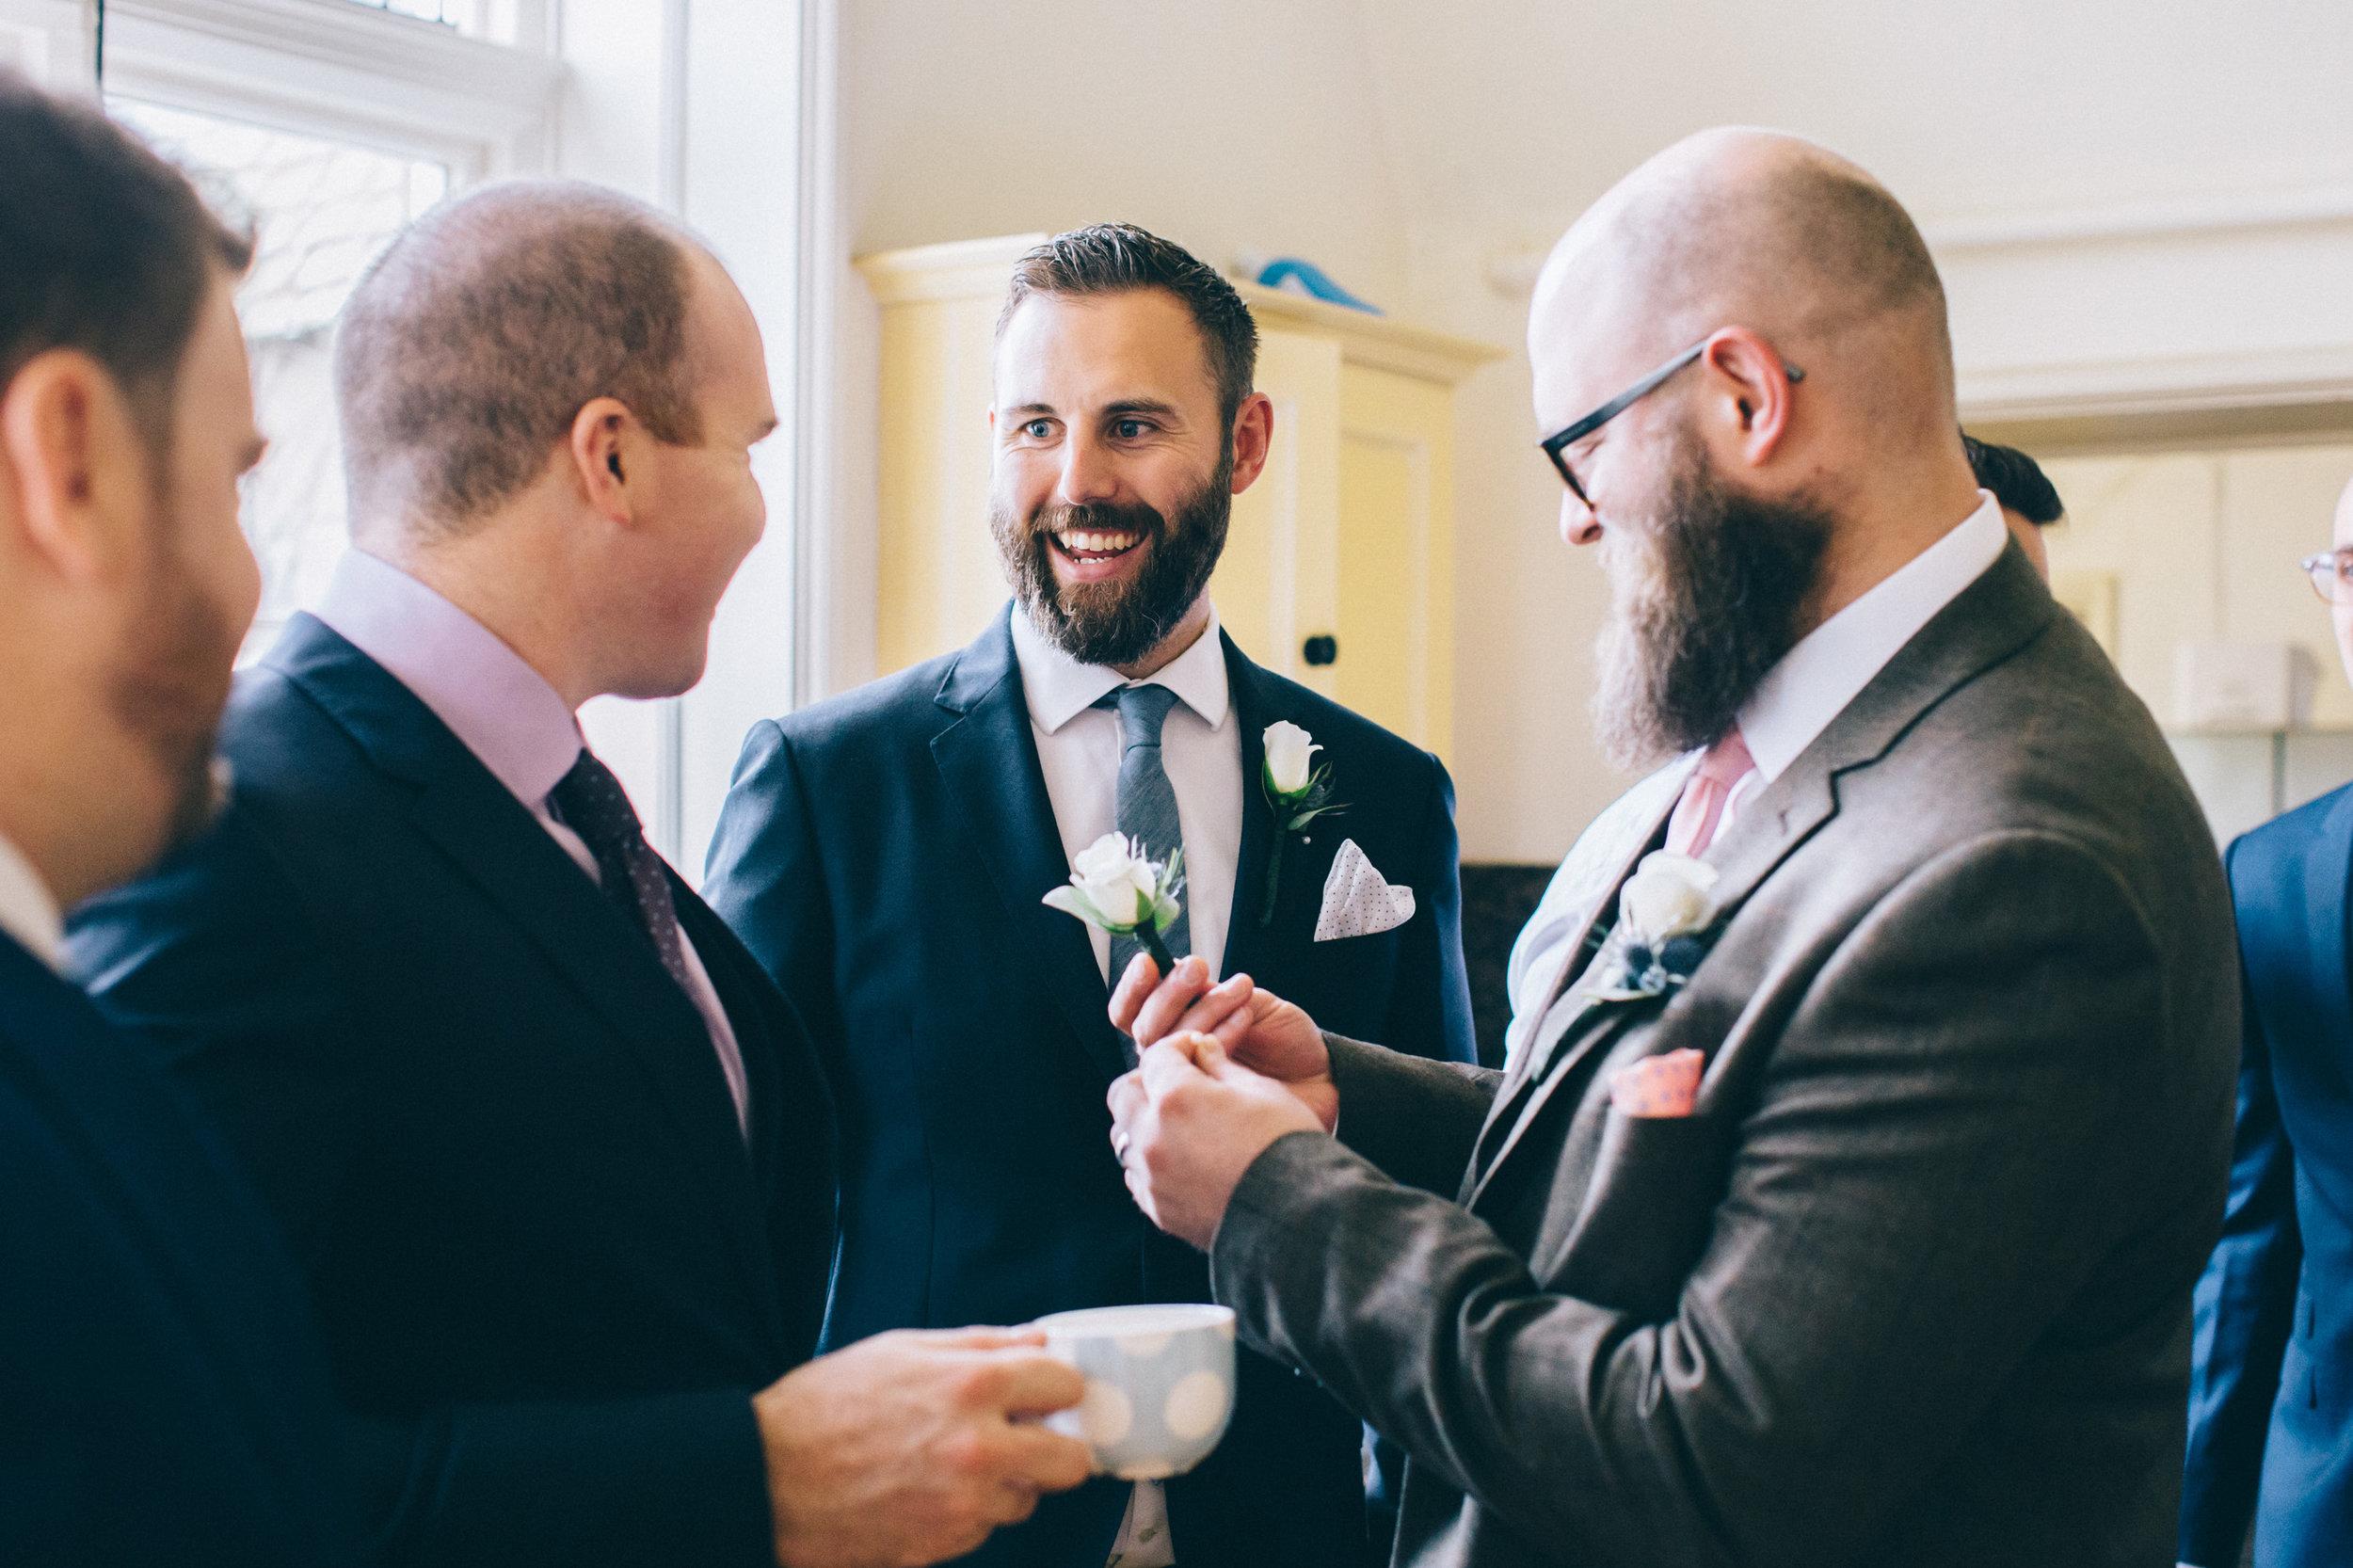 uk wedding photographer artistic wedding photography-10.jpg